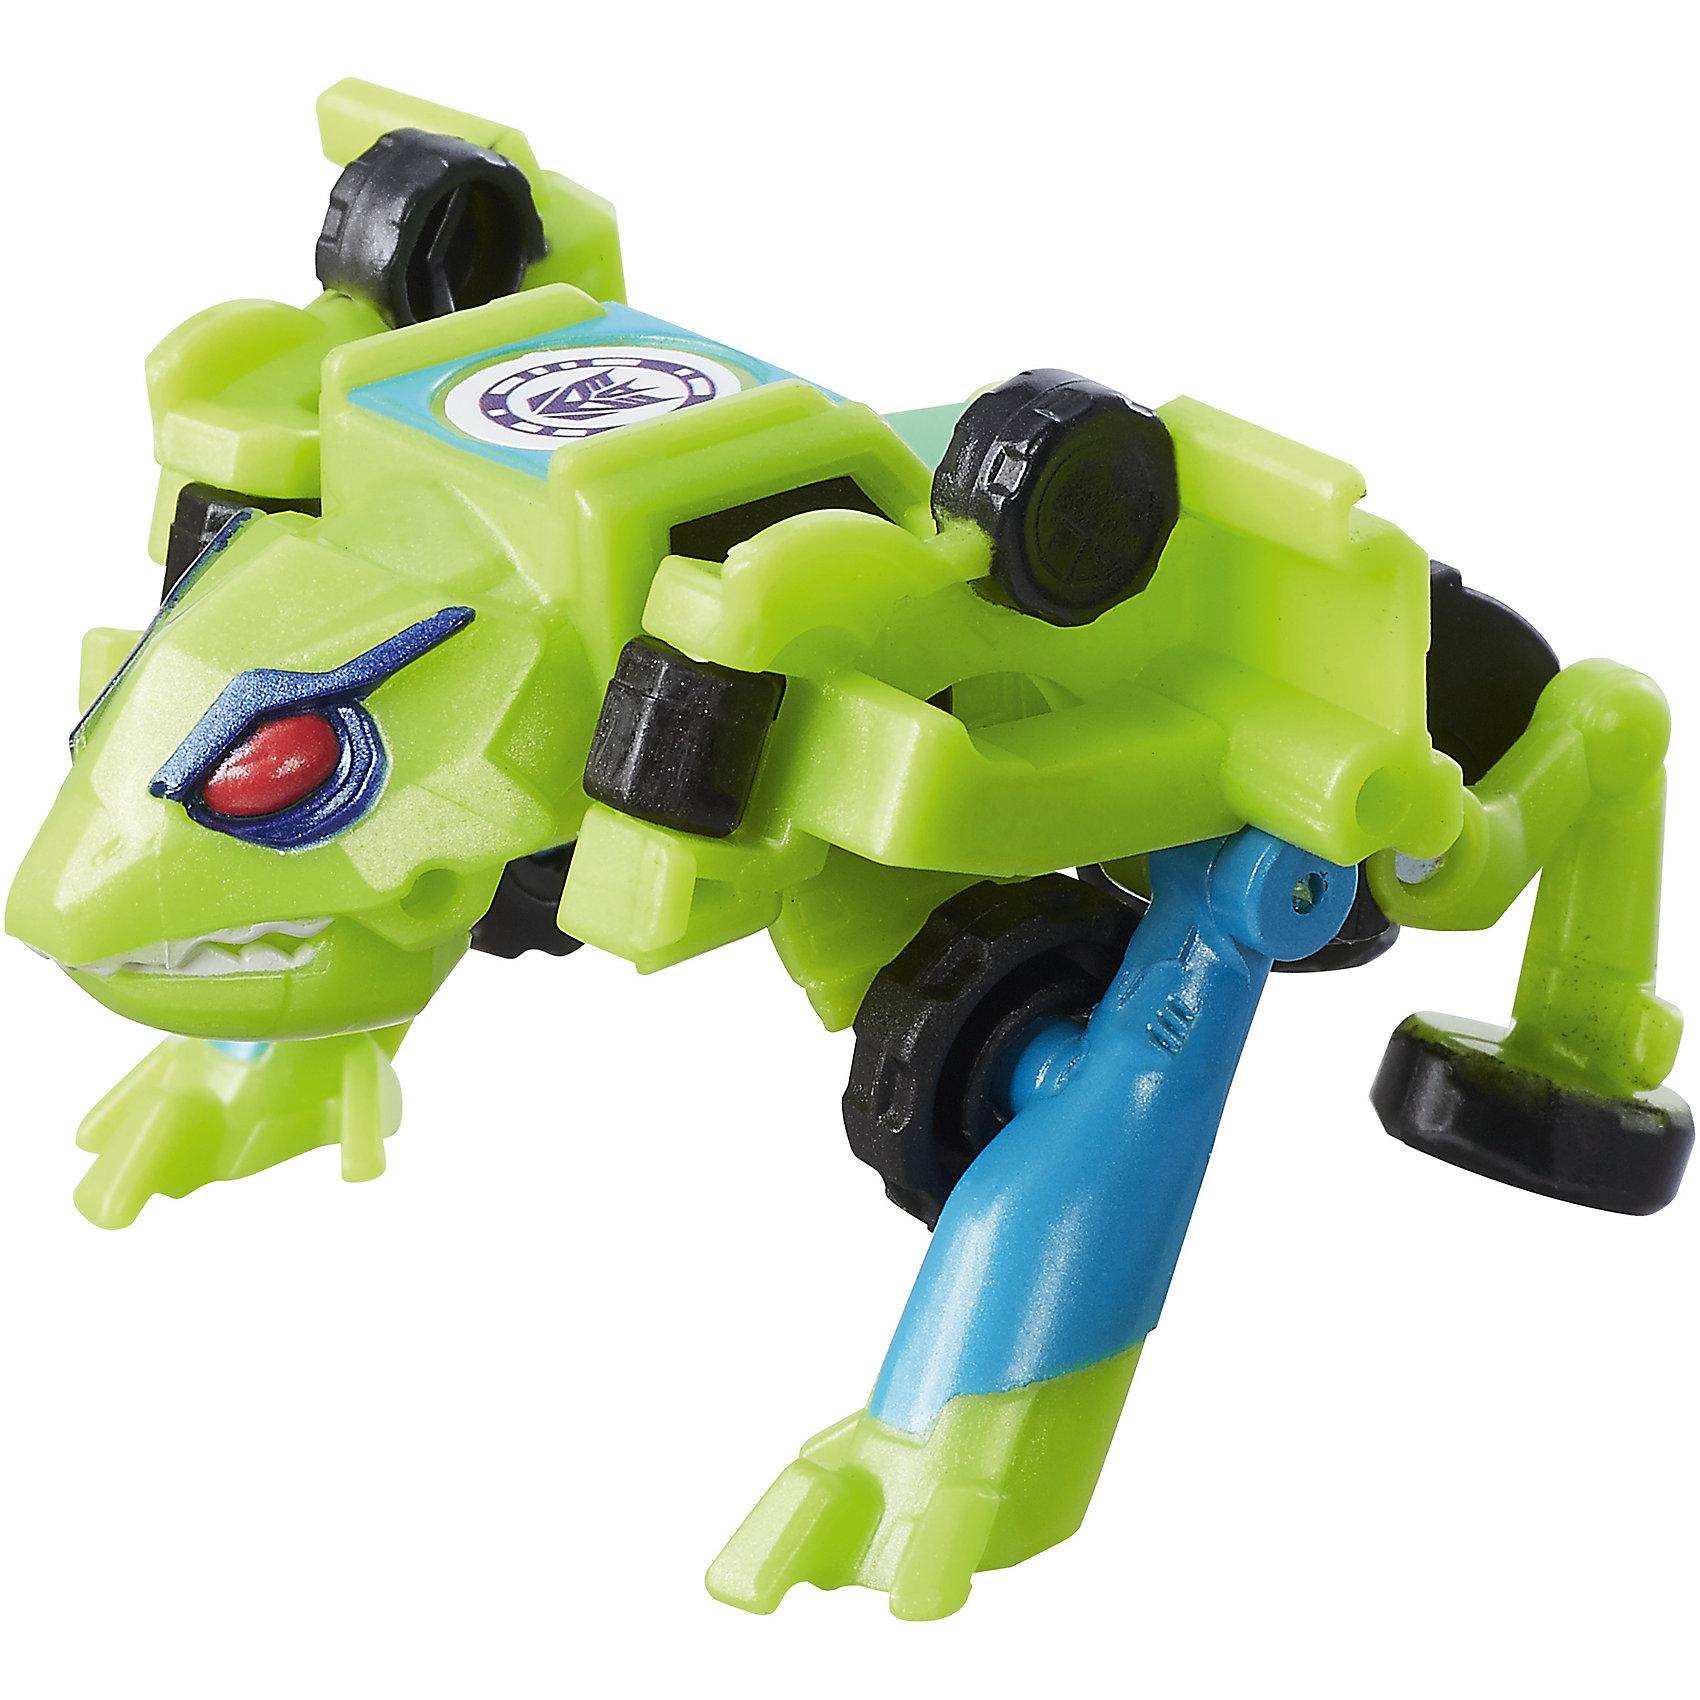 Трансформер Hasbro Роботы под прикрытием Legion Class - СпринглоадИдеи подарков<br>Характеристики товара:<br><br>• возраст от 3 лет;<br>• материал: пластик;<br>• высота робота 7 см;<br>• размер упаковки 17,2х11,1х4 см;<br>• вес упаковки 22 гр.;<br>• страна производитель: Китай.<br><br>Игрушка «Роботс-ин-Дисгайс Легион» Transformers — увлекательная игрушка, созданная по мотивам фильма «Трансформеры» про роботов-трансформеров, которые сражаются против злейшего врага — десептиконов. Игрушка без проблем трансформируется в транспортное средство. В процессе трансформации ребенок развивает моторику рук, логическое мышление. С обеими фигурками можно придумать увлекательные игры, устроить захватывающие сражения и гонки.<br><br>Игрушку «Роботс-ин-Дисгайс Легион» Трансформеры B0065/C0263 можно приобрести в нашем интернет-магазине.<br><br>Ширина мм: 172<br>Глубина мм: 111<br>Высота мм: 40<br>Вес г: 22<br>Возраст от месяцев: 60<br>Возраст до месяцев: 2147483647<br>Пол: Мужской<br>Возраст: Детский<br>SKU: 5622053